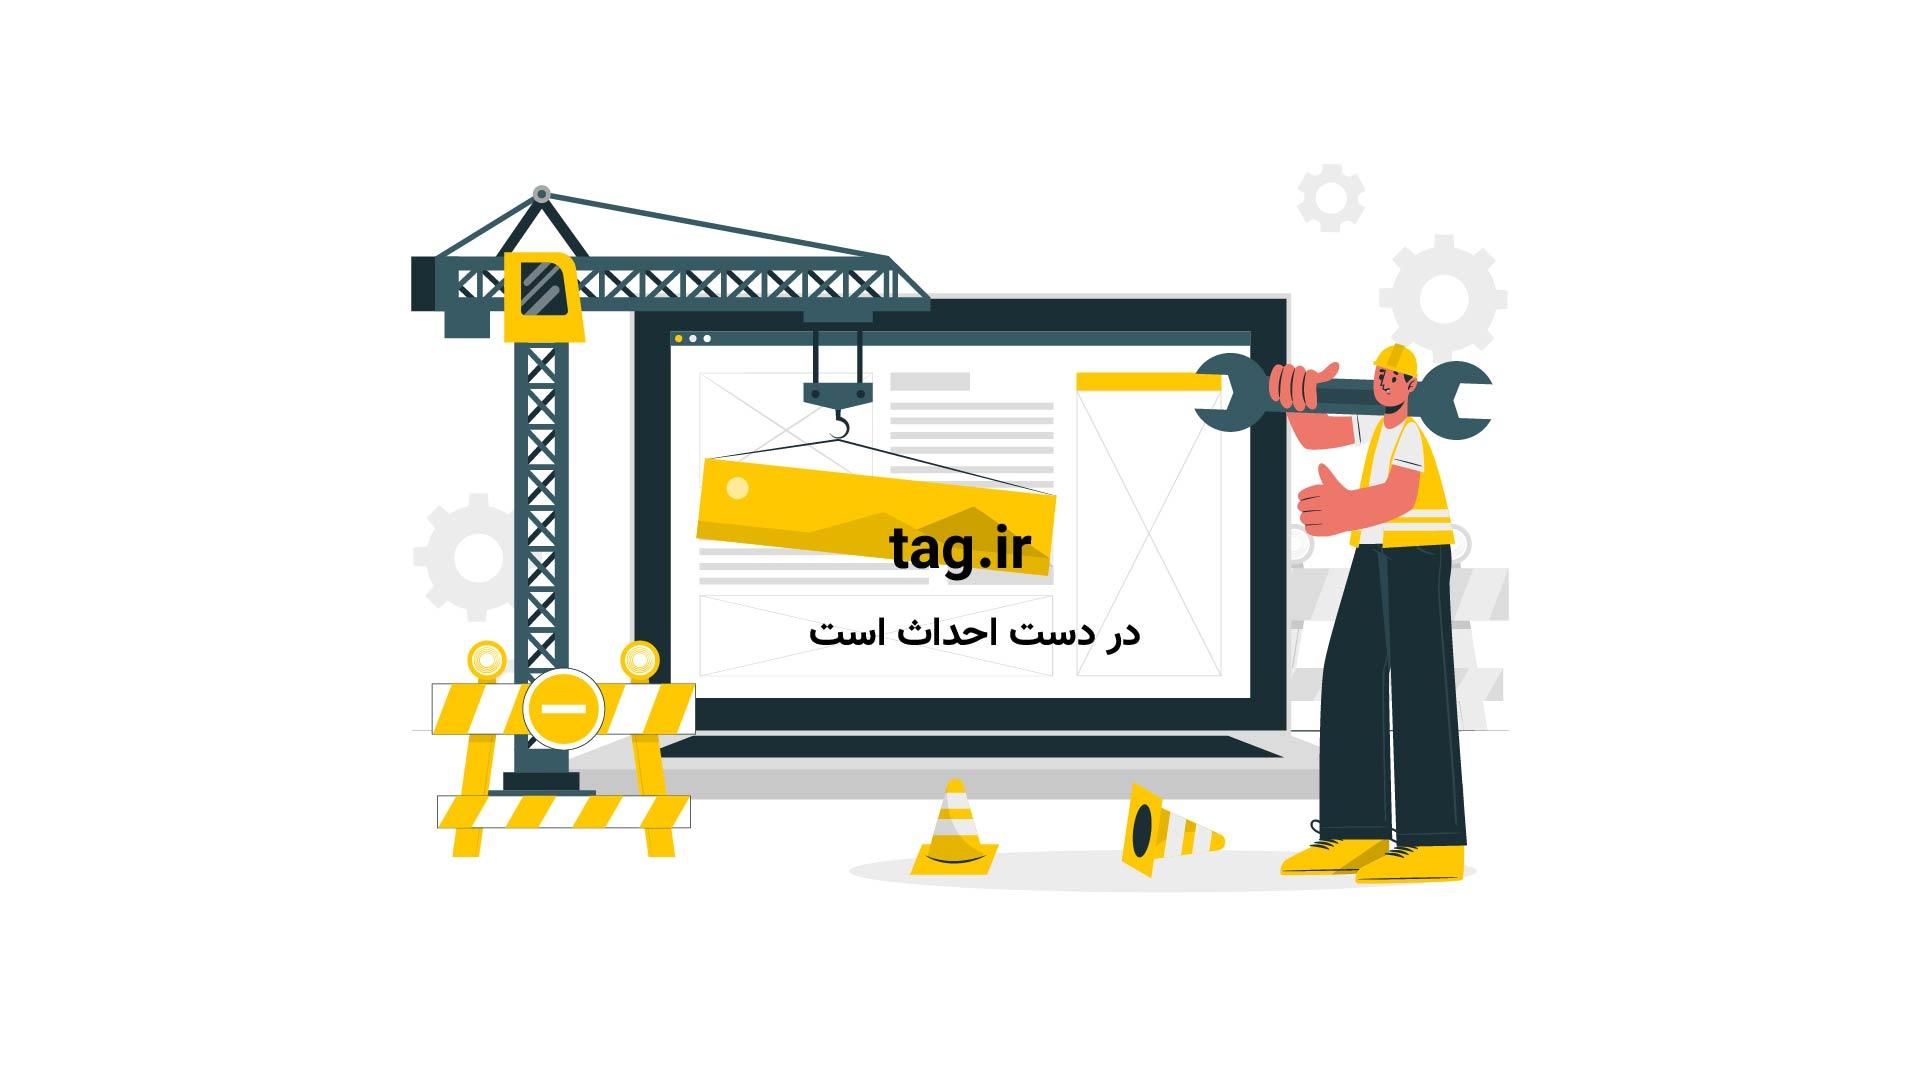 قهوه | تگ